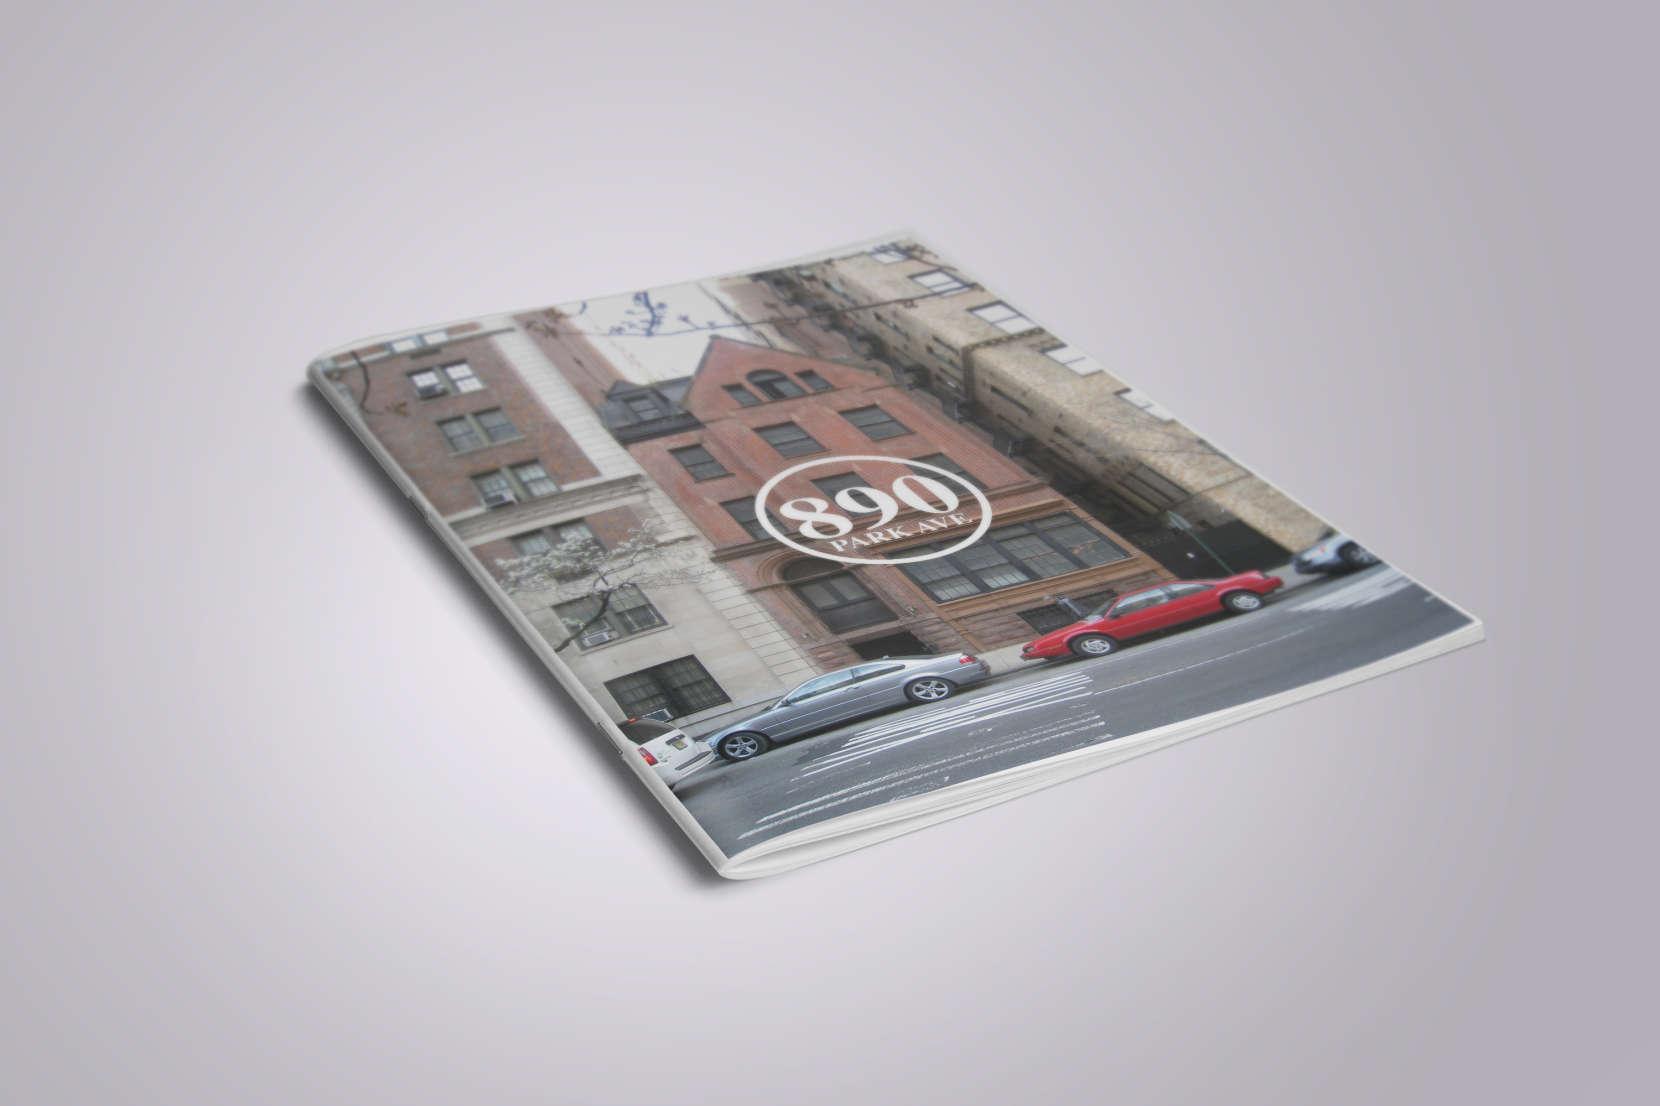 msa-brochure-1-1660x1106.jpg